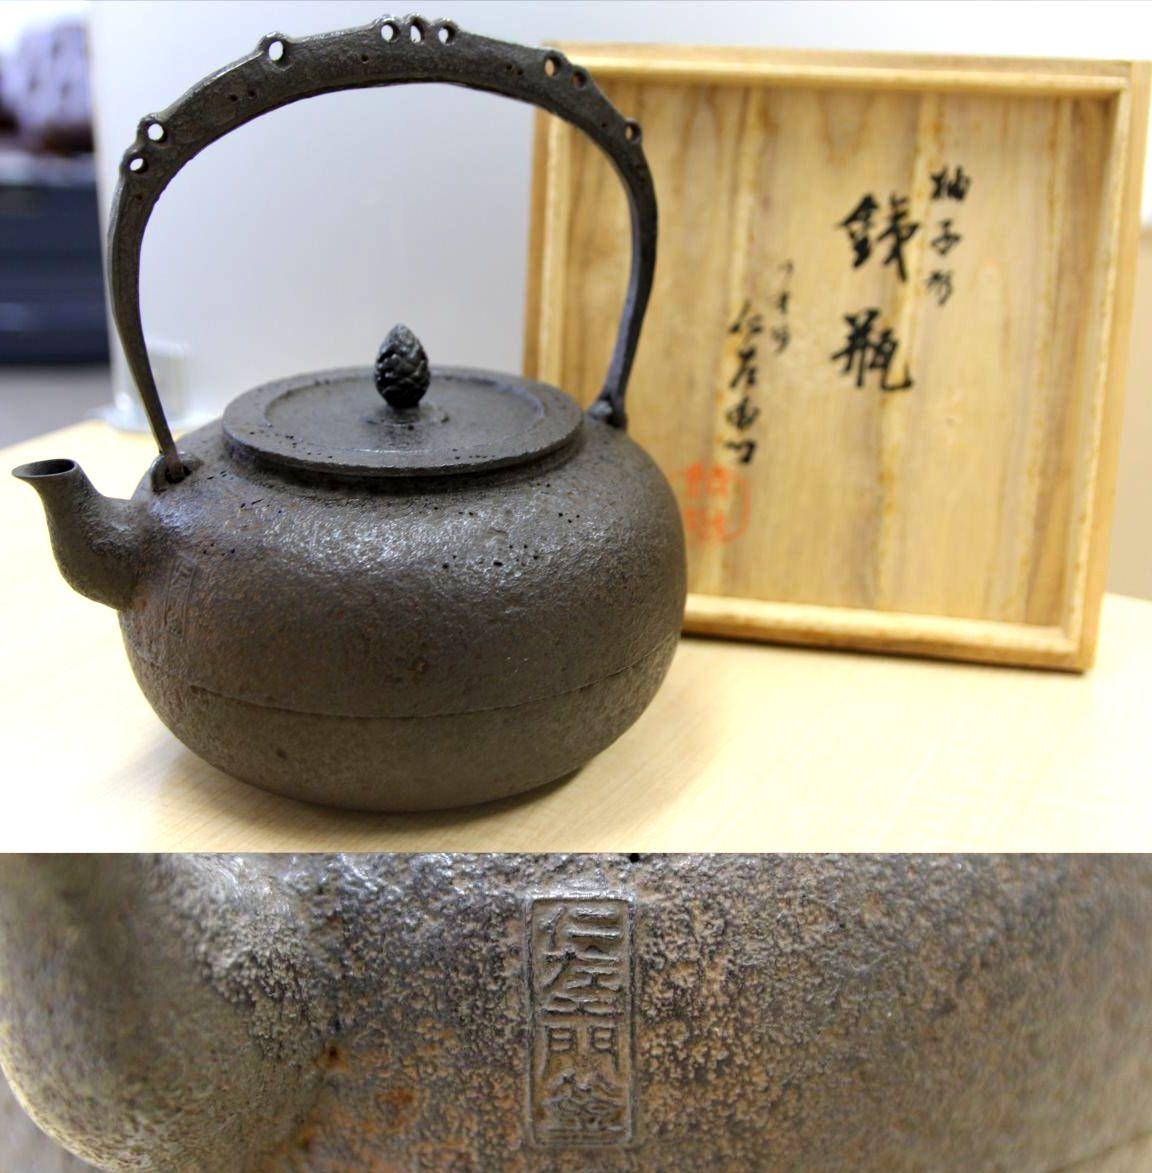 買取 鉄瓶 茶道具 美術品 骨董品 盛岡 まねき堂